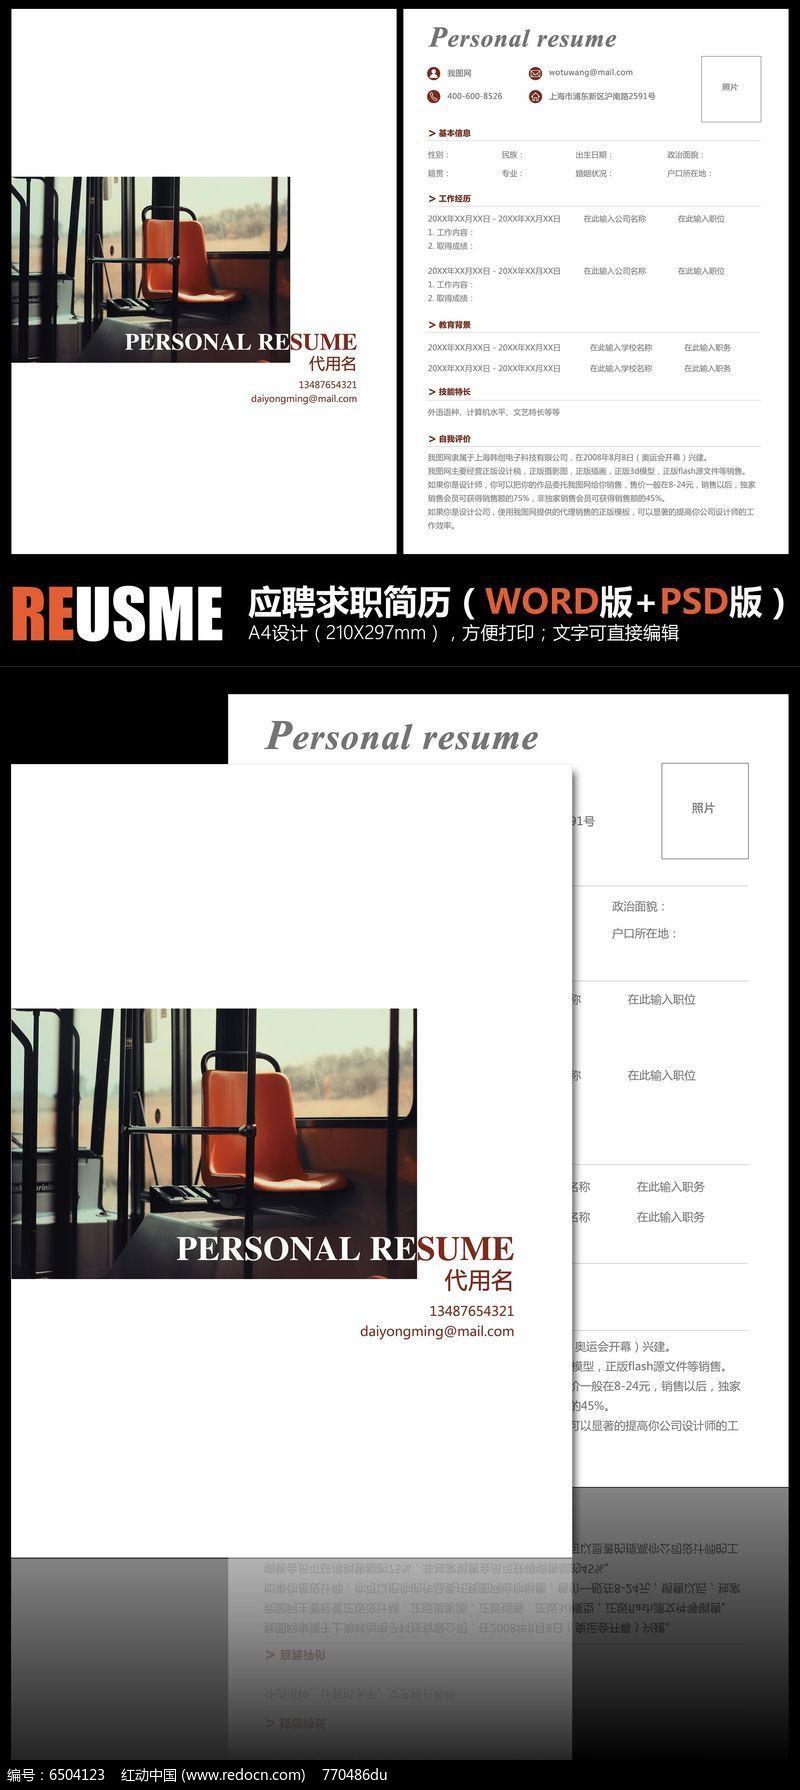 橙色简洁求职简历双格式模板PSD素材下载 求职简历设计图片